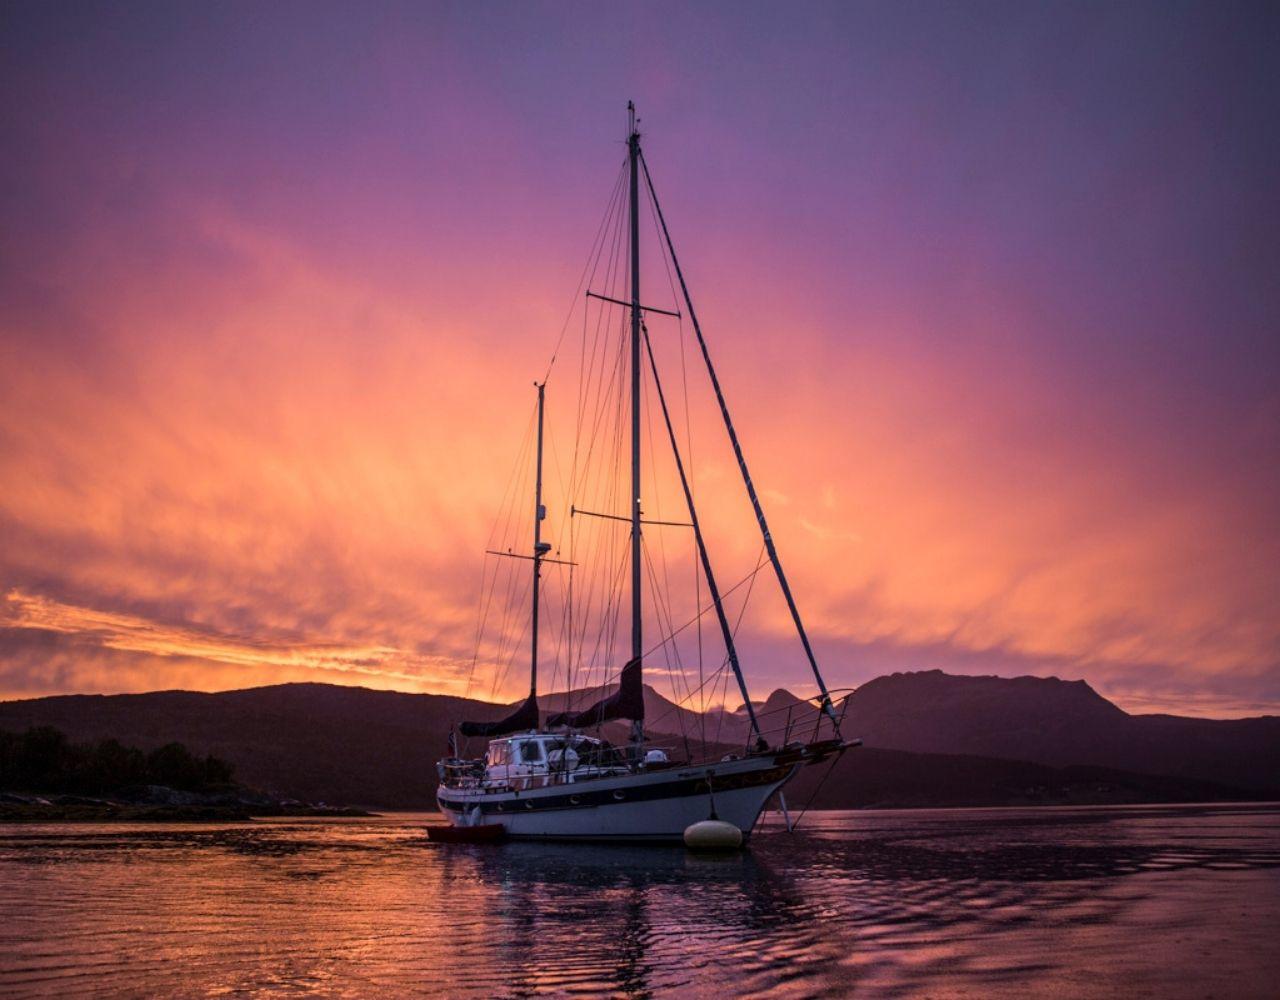 Båt og seil senja